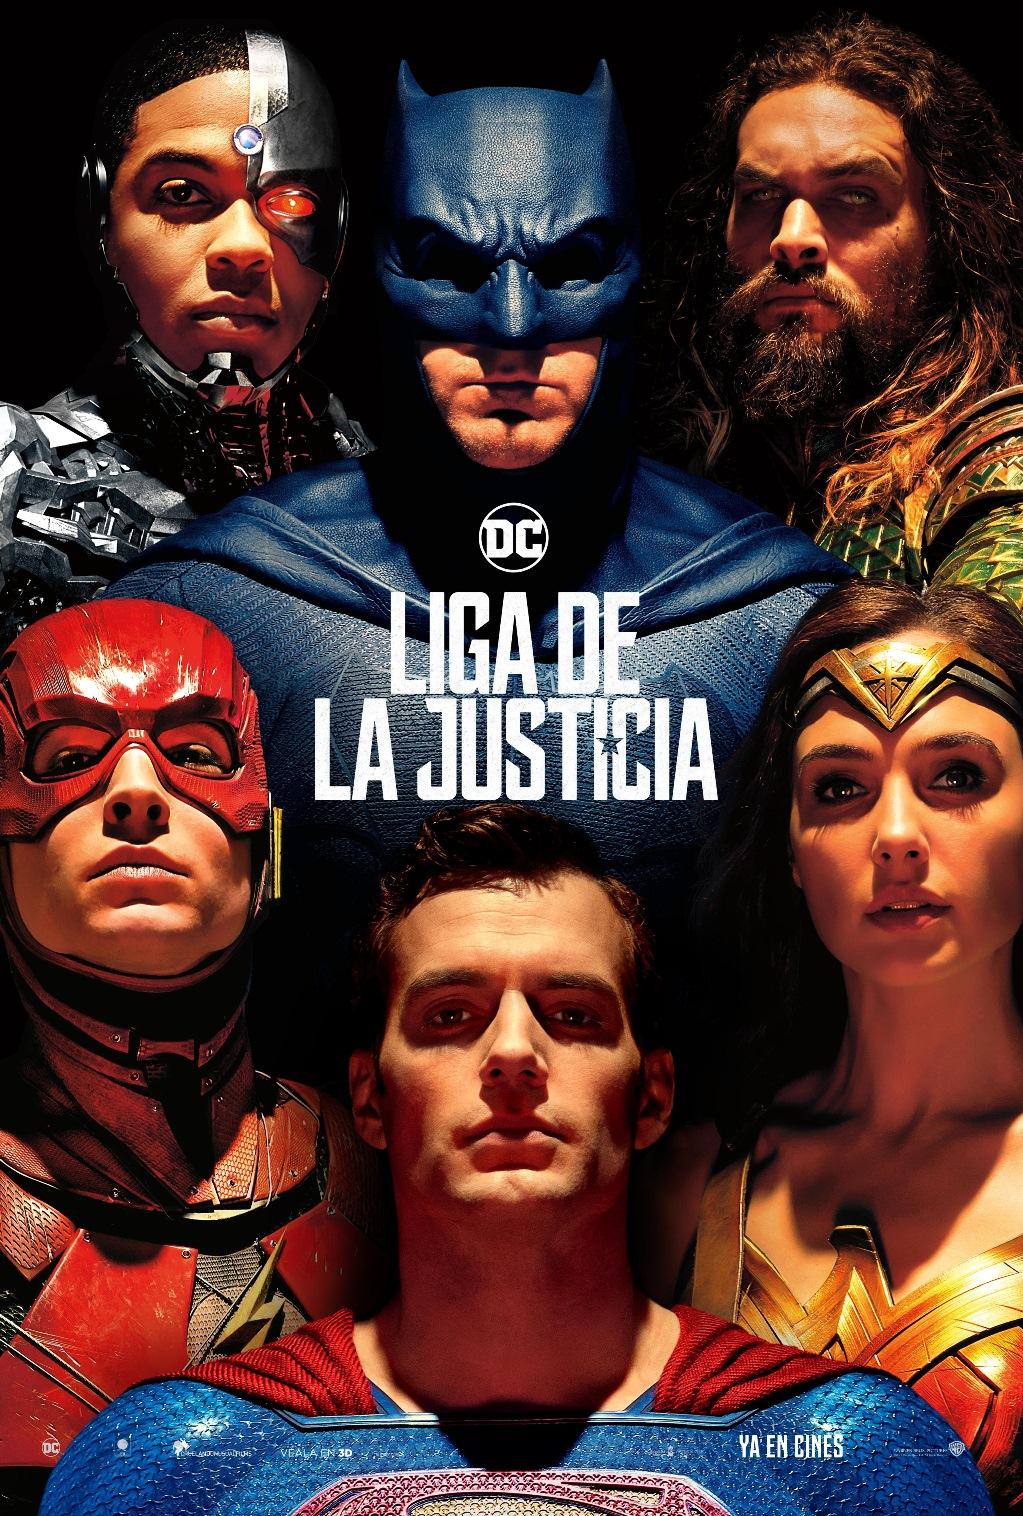 liga-de-la-justicia - Liga De La Justicia[Película][2017][Mega][2GB]  - Descargas en general